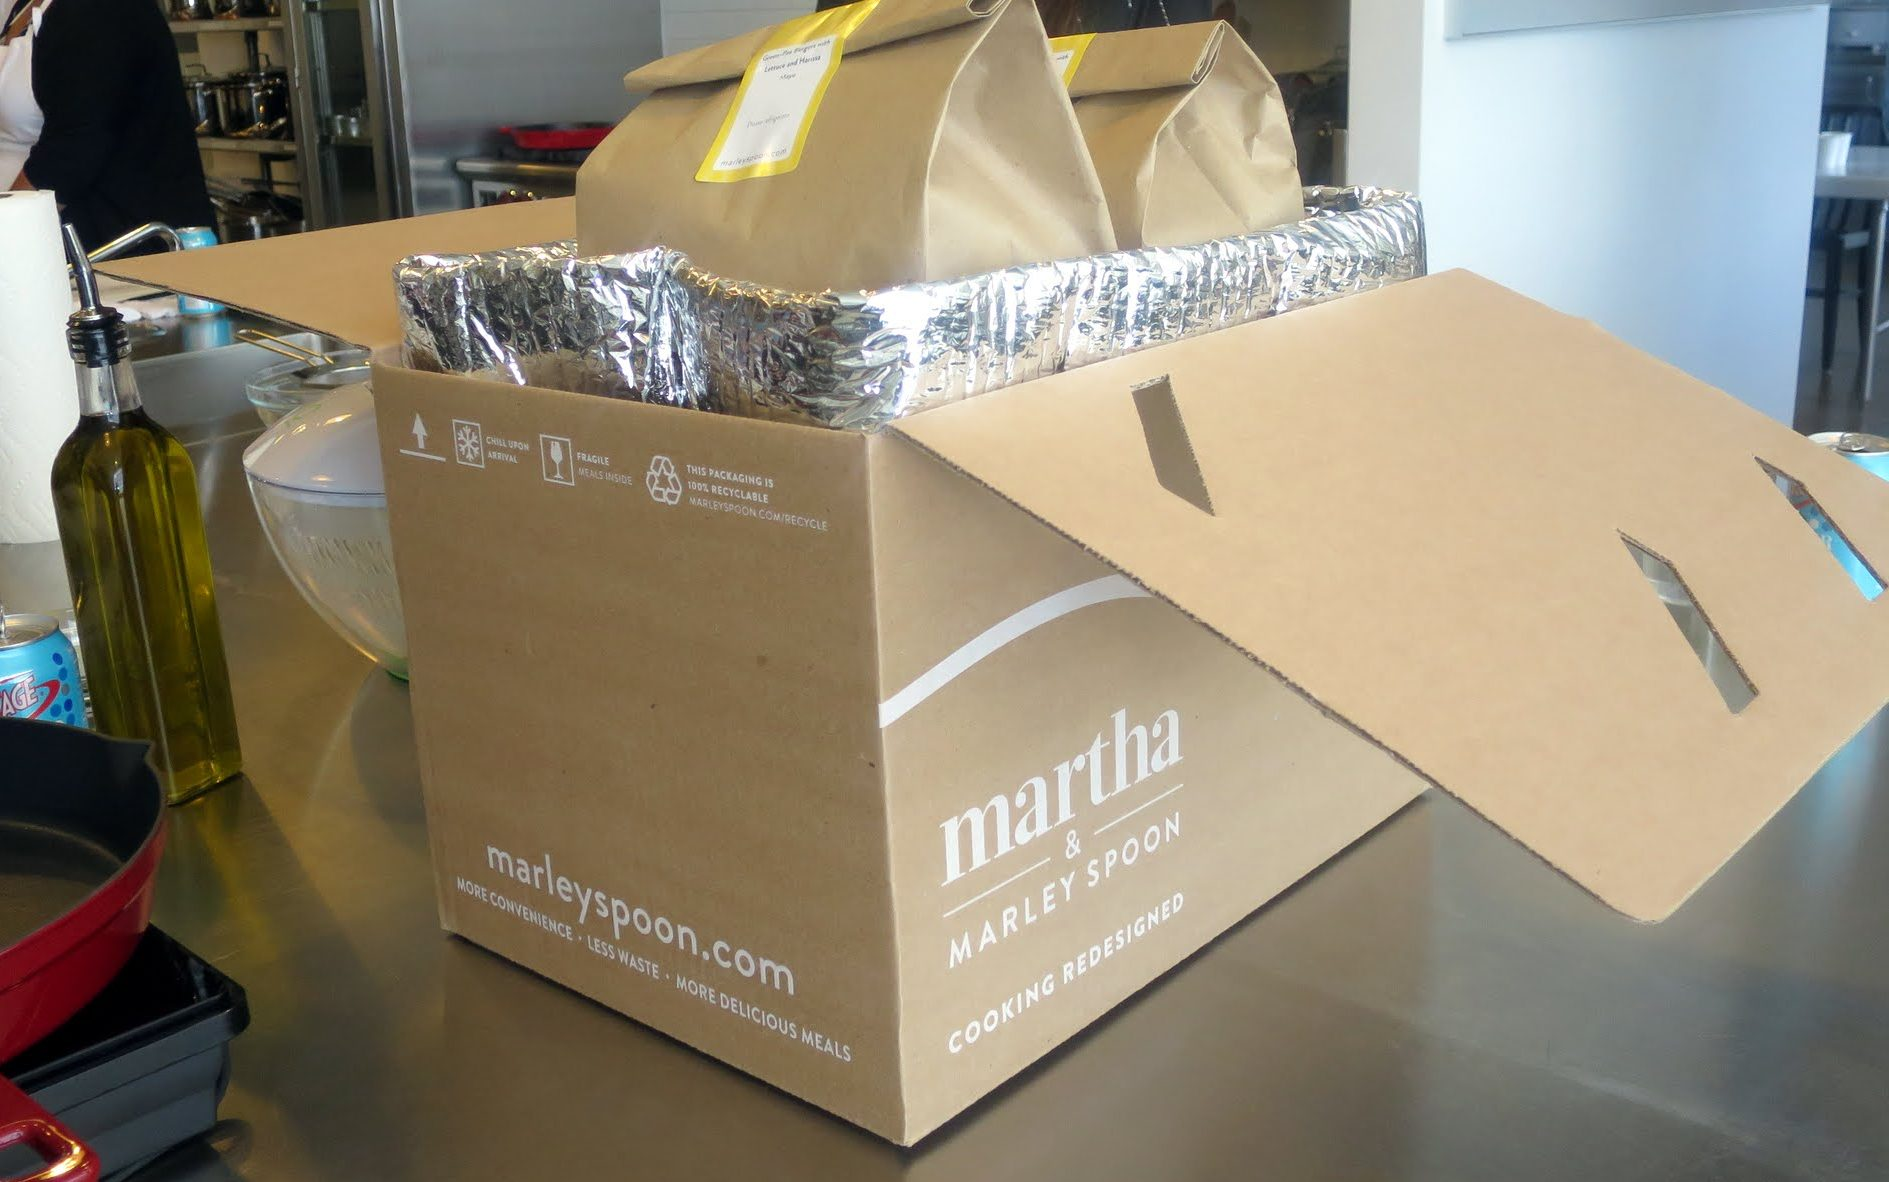 martha marley spoon box